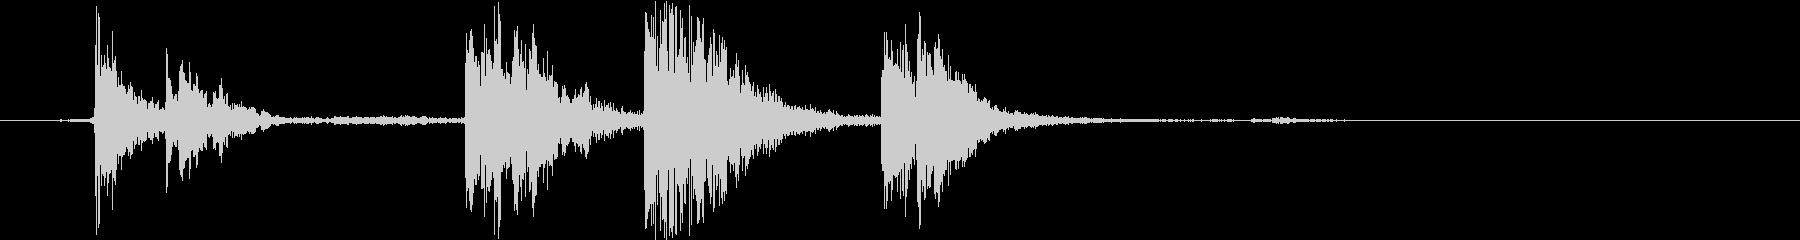 カチャン(お皿を積み重ねる音)Aの未再生の波形